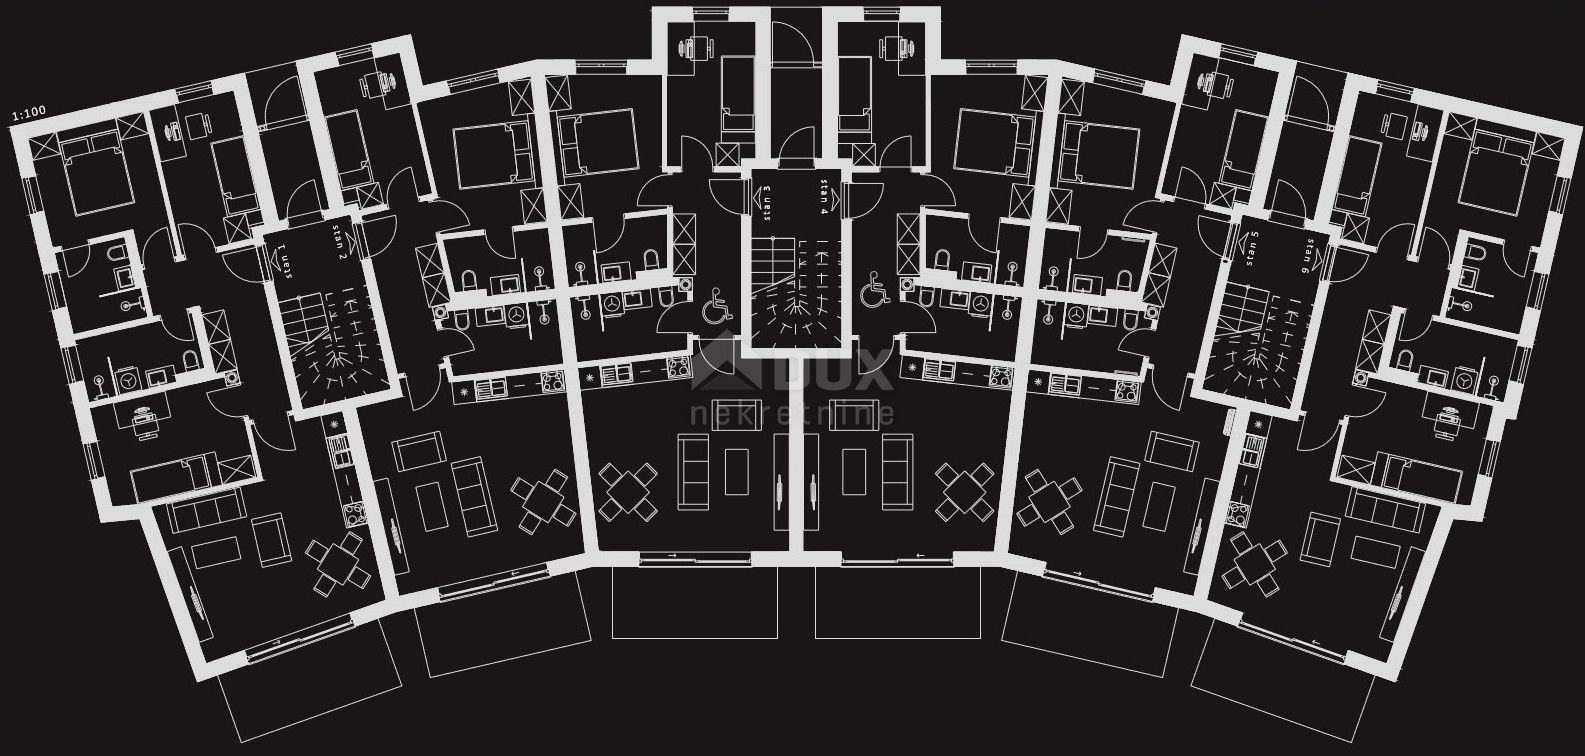 Stan Krk - 2S+DB, sa okućnicom i parkirnim mjestima